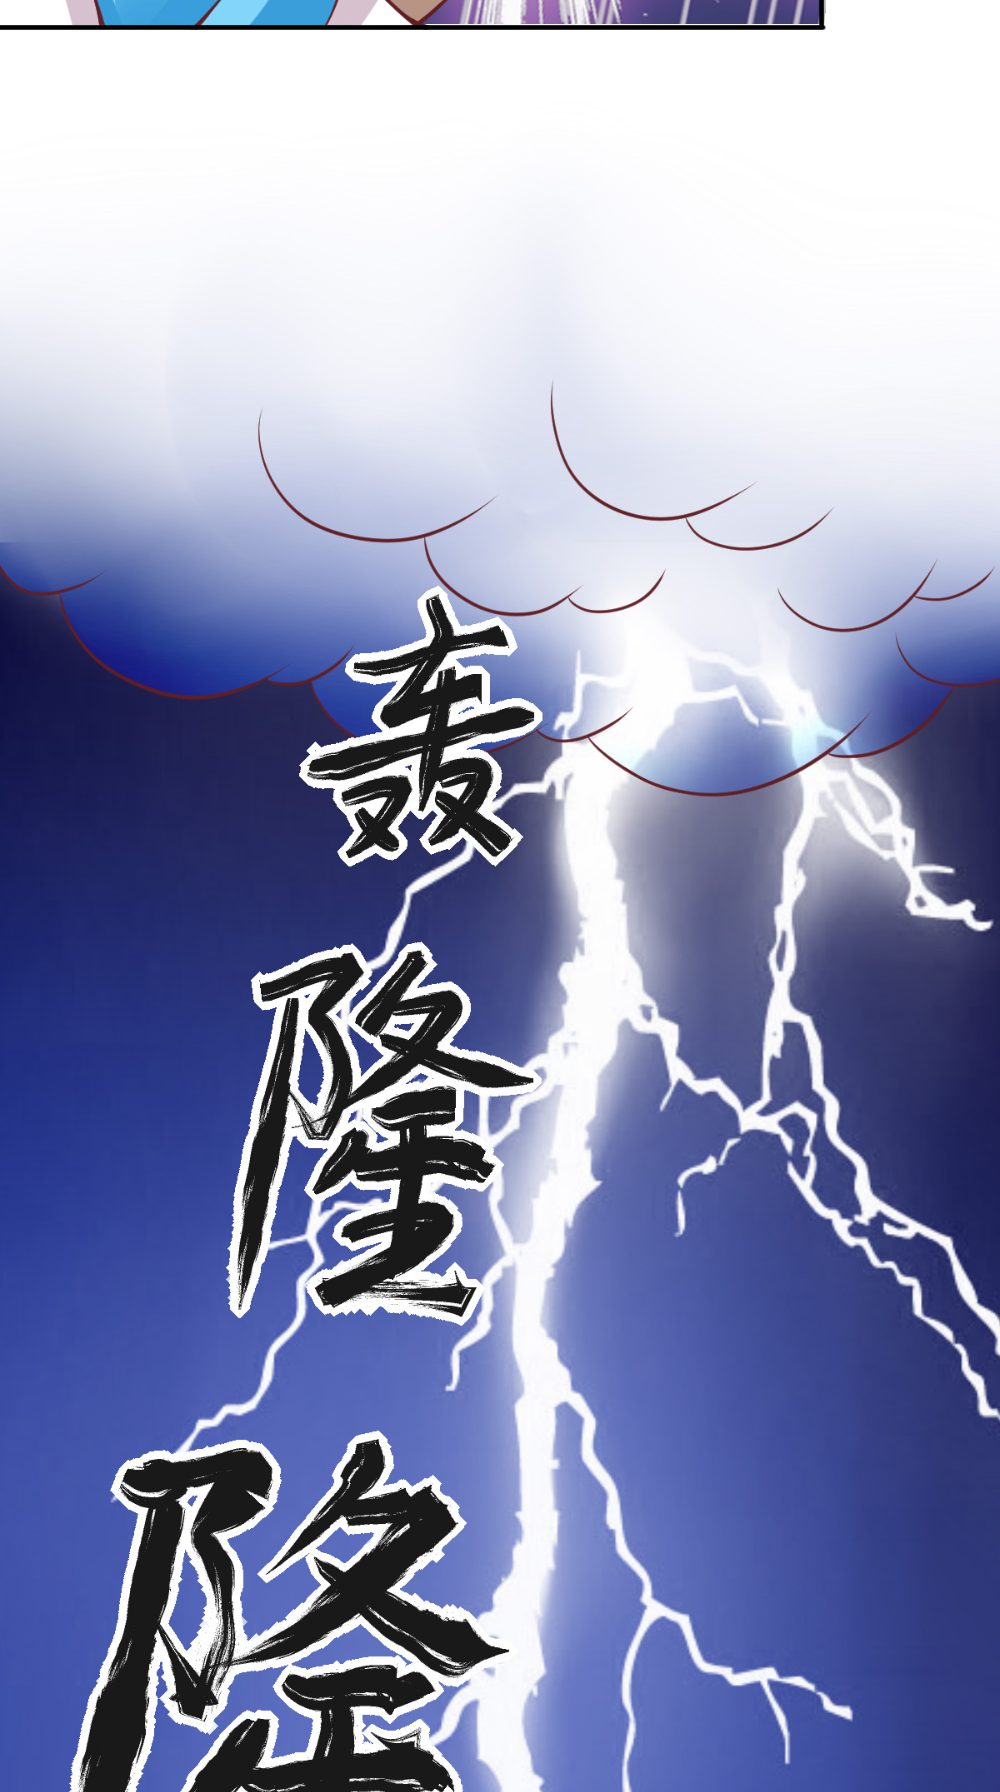 【小漫画】从今以后我只为自己而活,遇神杀神,遇佛杀佛!!